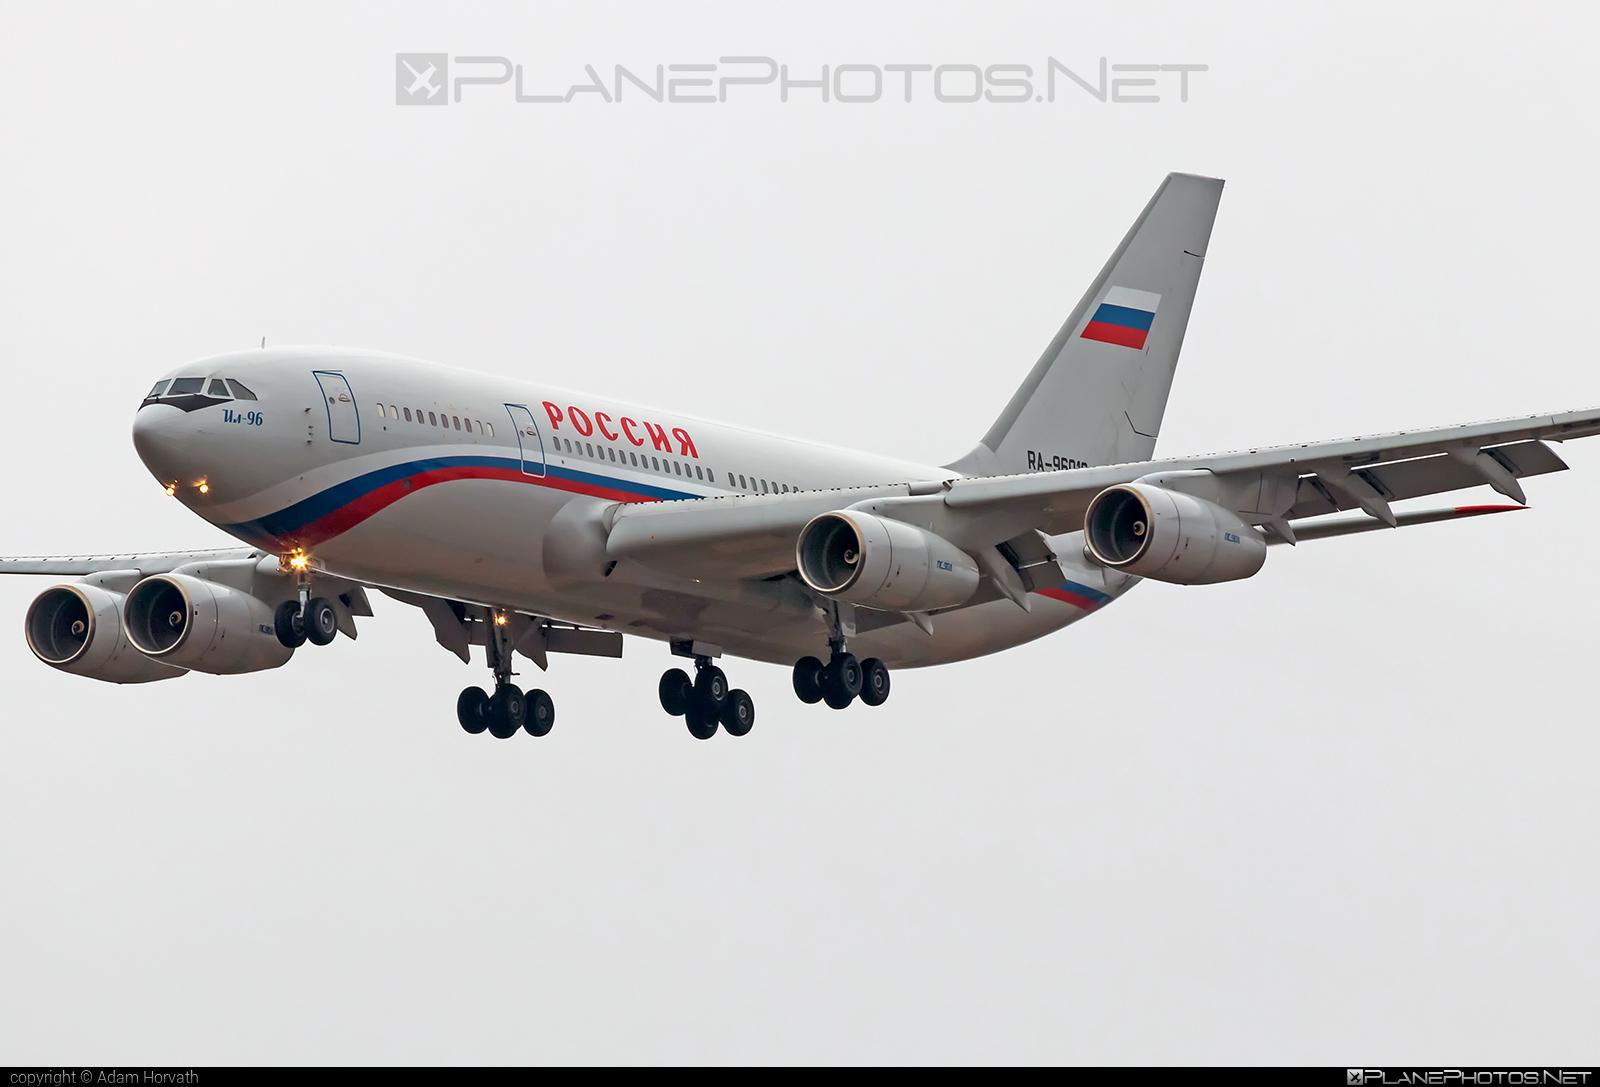 Ilyushin Il-96-300 - RA-96018 operated by Russia - Department of the Defense #il96 #il96300 #ilyushin